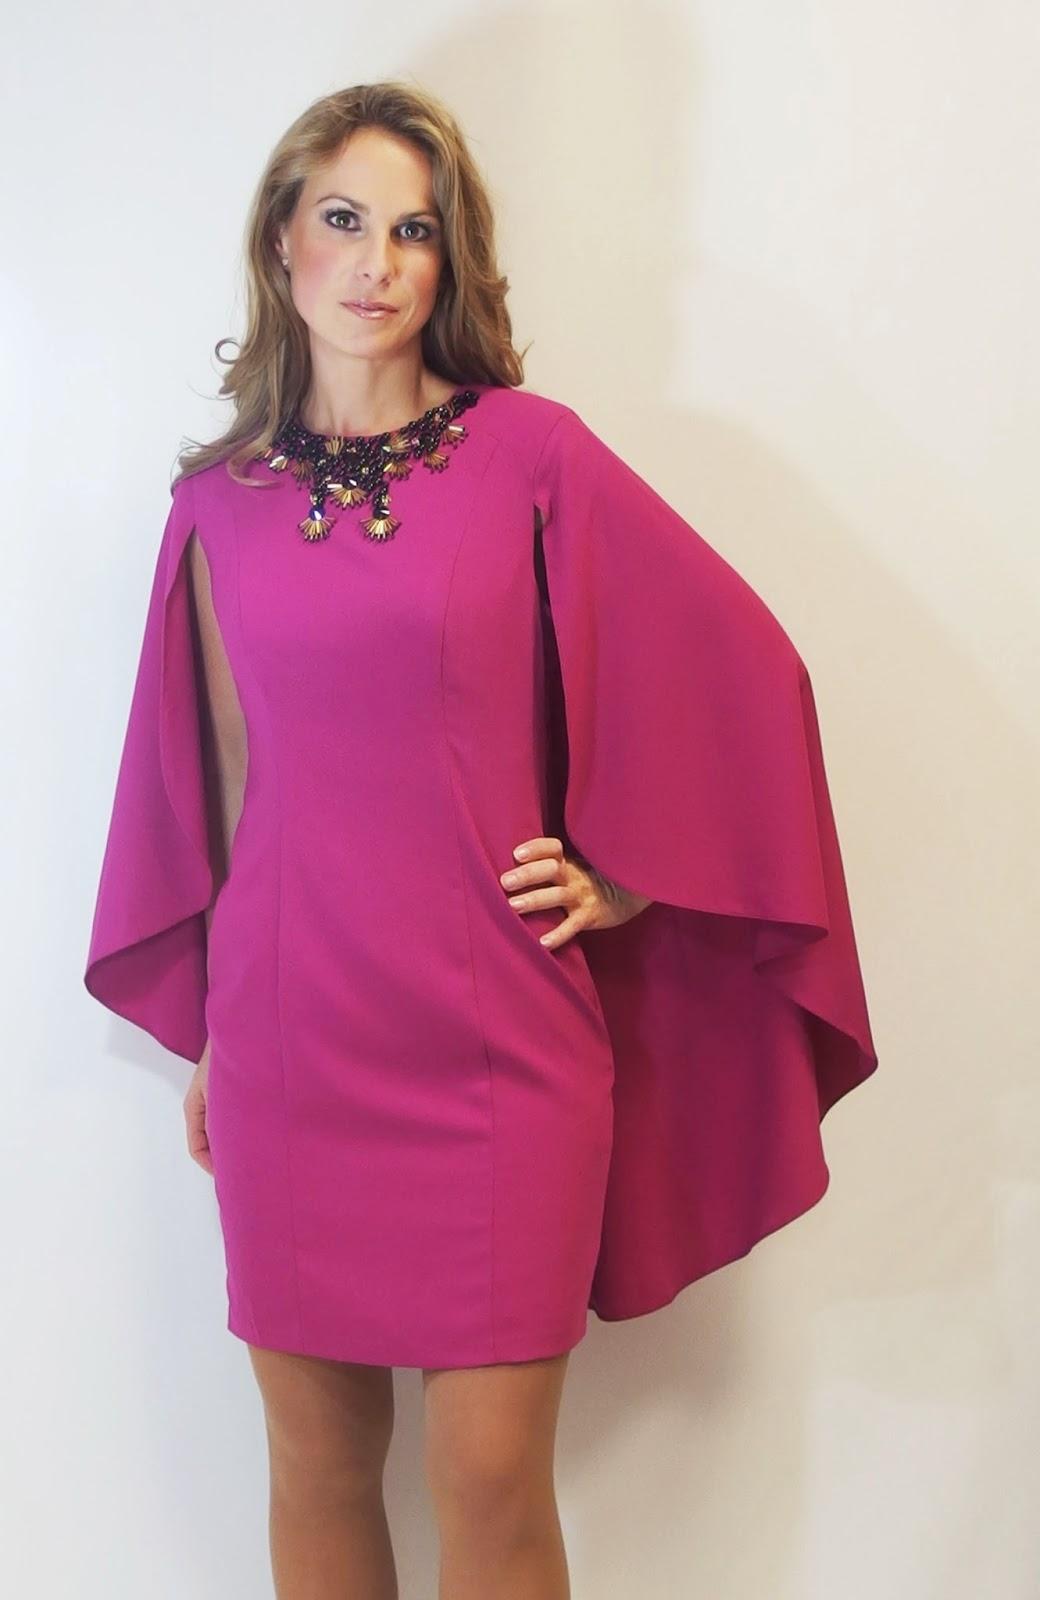 Vestidos cortos con capa una tendencia para otoño 2016 - Vestidos Glam